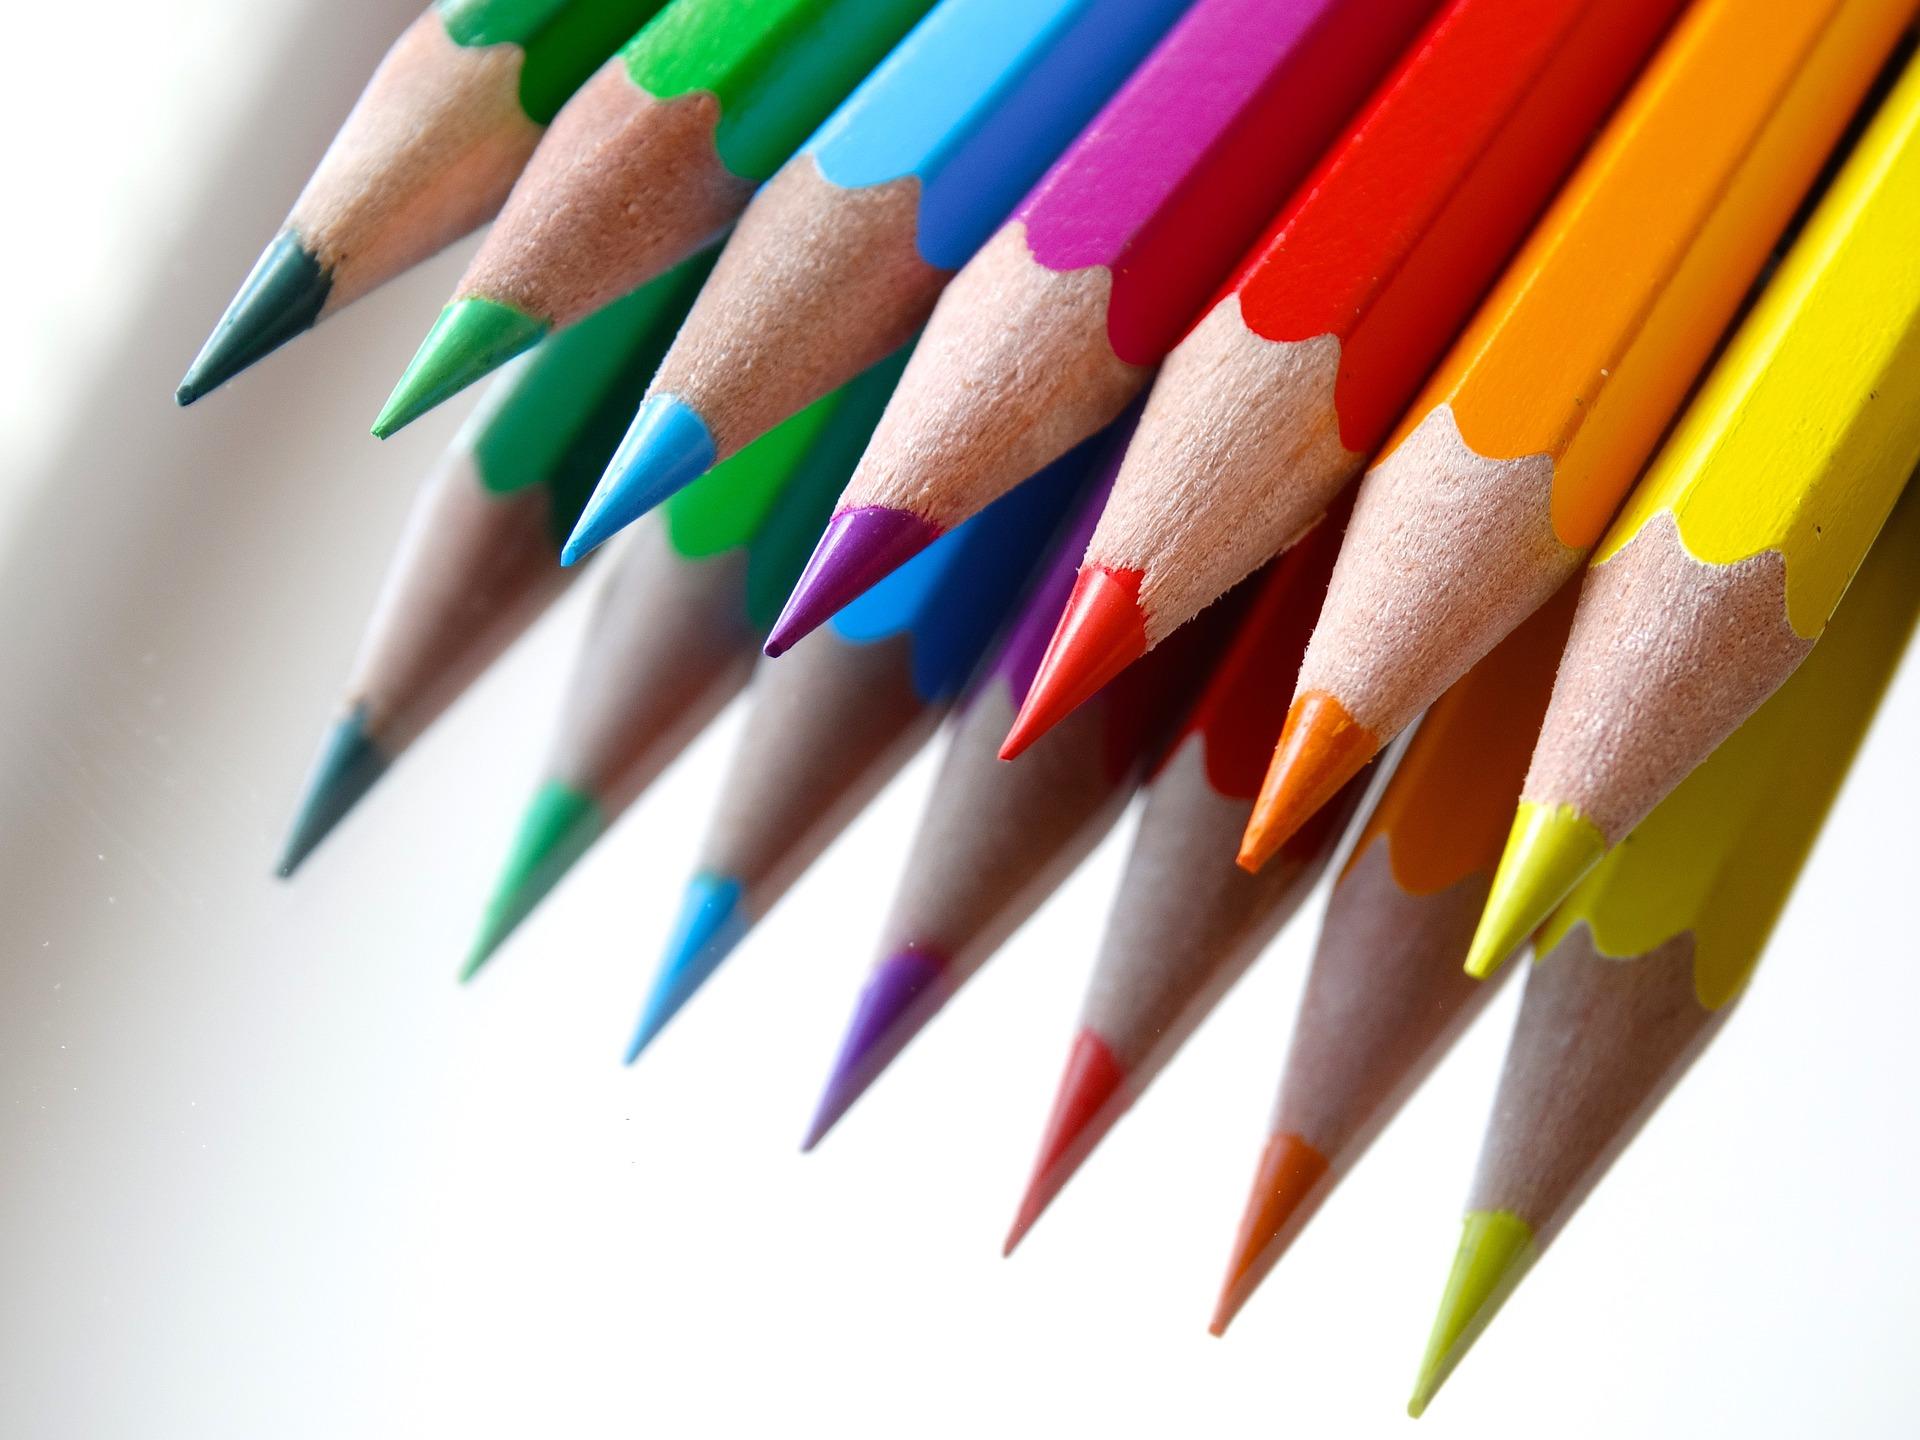 Macam-macam-pensil-dan-fungsinya